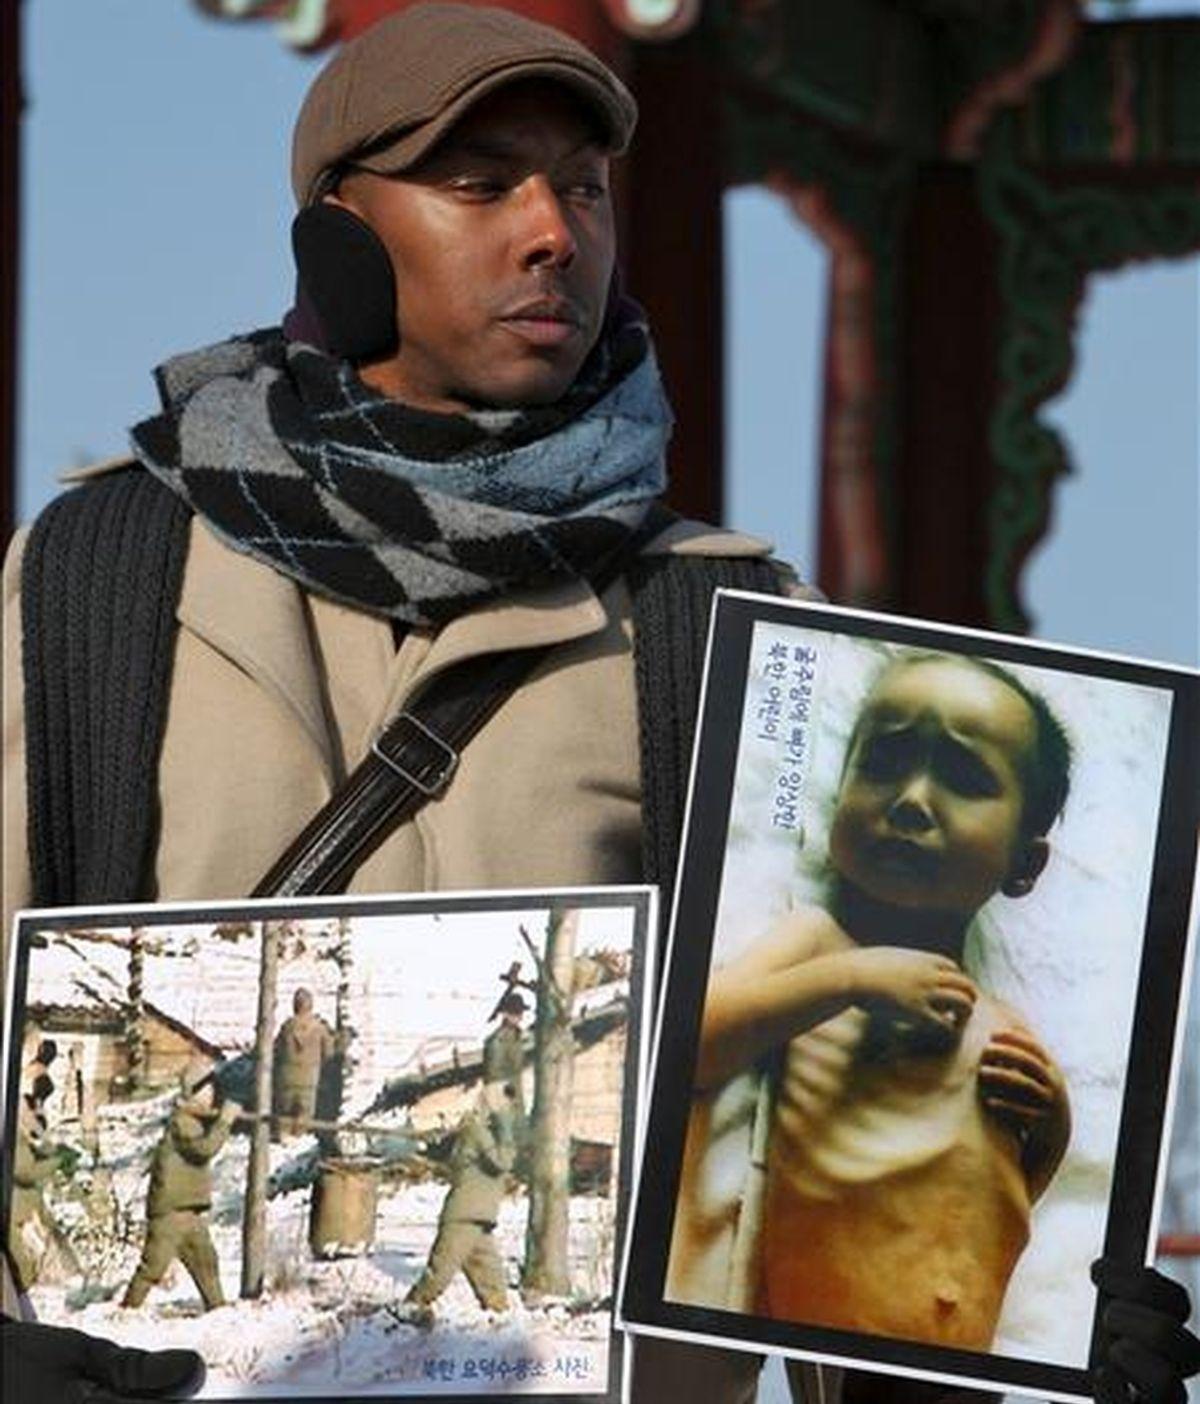 Fotografía de archivo tomada el 12 de enero de 2010 que muestra al activista estadounidense Aijalon Mahli Gomes durante una protesta contra Corea del Norte en la zona desmilitarizada de la provincia surcoreana de Gyeonggi-do. Según informó hoy, 9 de julio de 2010, la agencia oficial norcoreana KCNA, Gomes, que se encuentra bajo custosdia policial en Corea del Norte, intentó quitarse la vida. EFE/Archivo